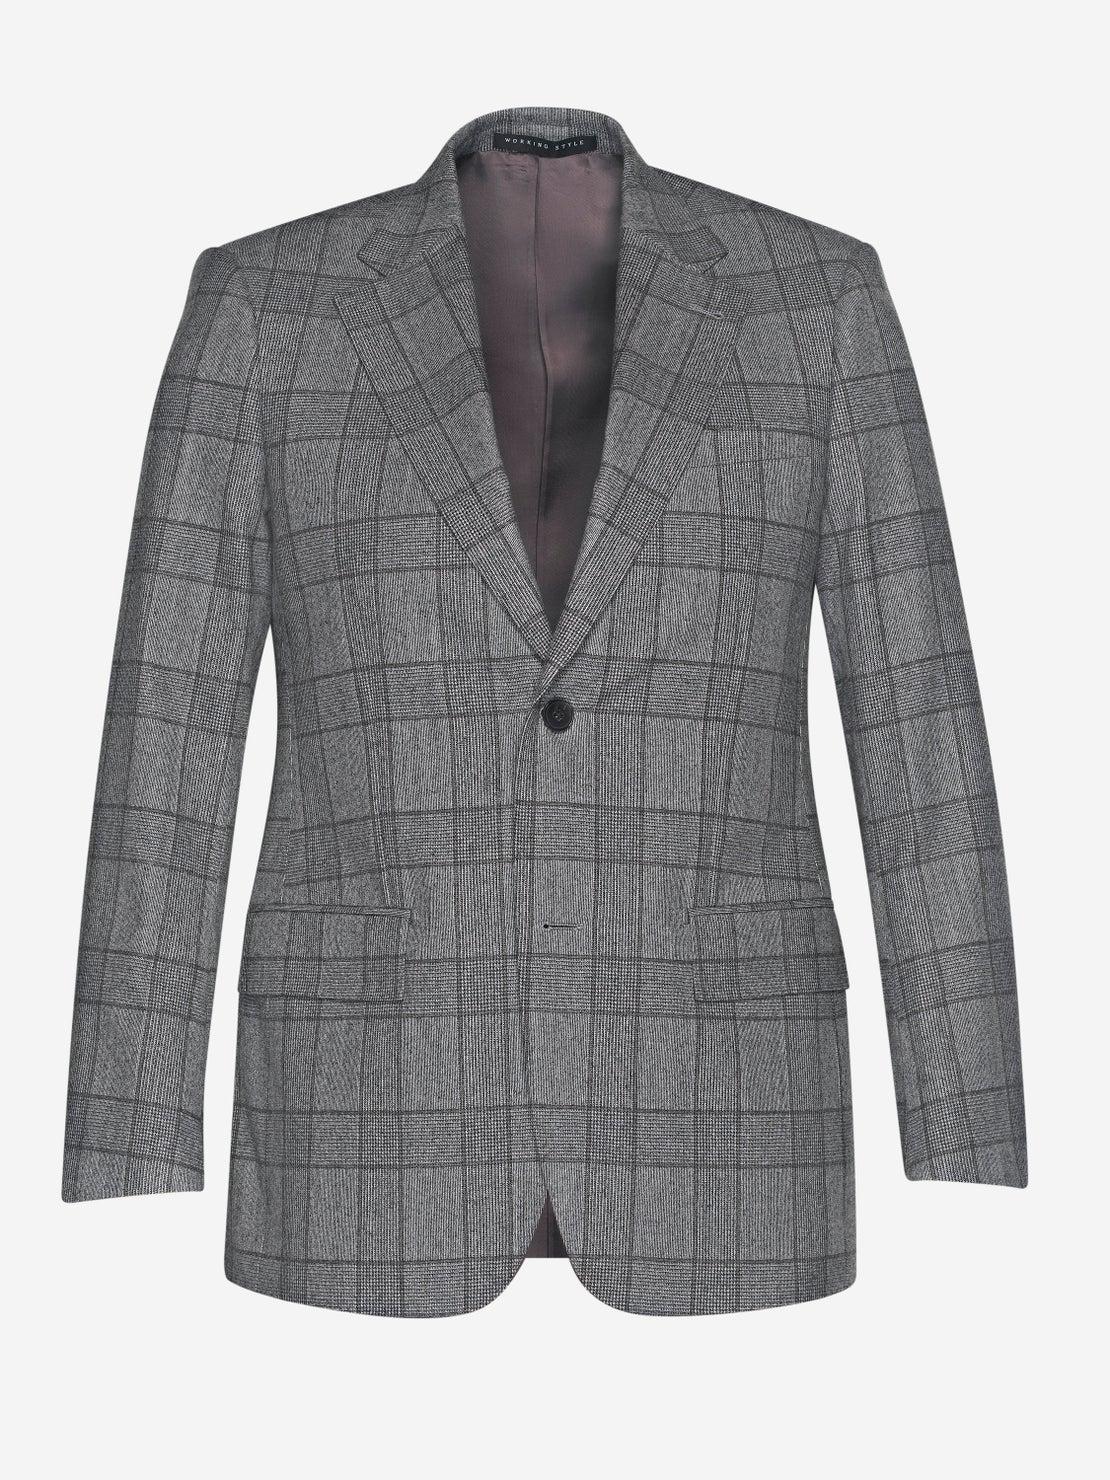 Grey & Nougat Check Suit